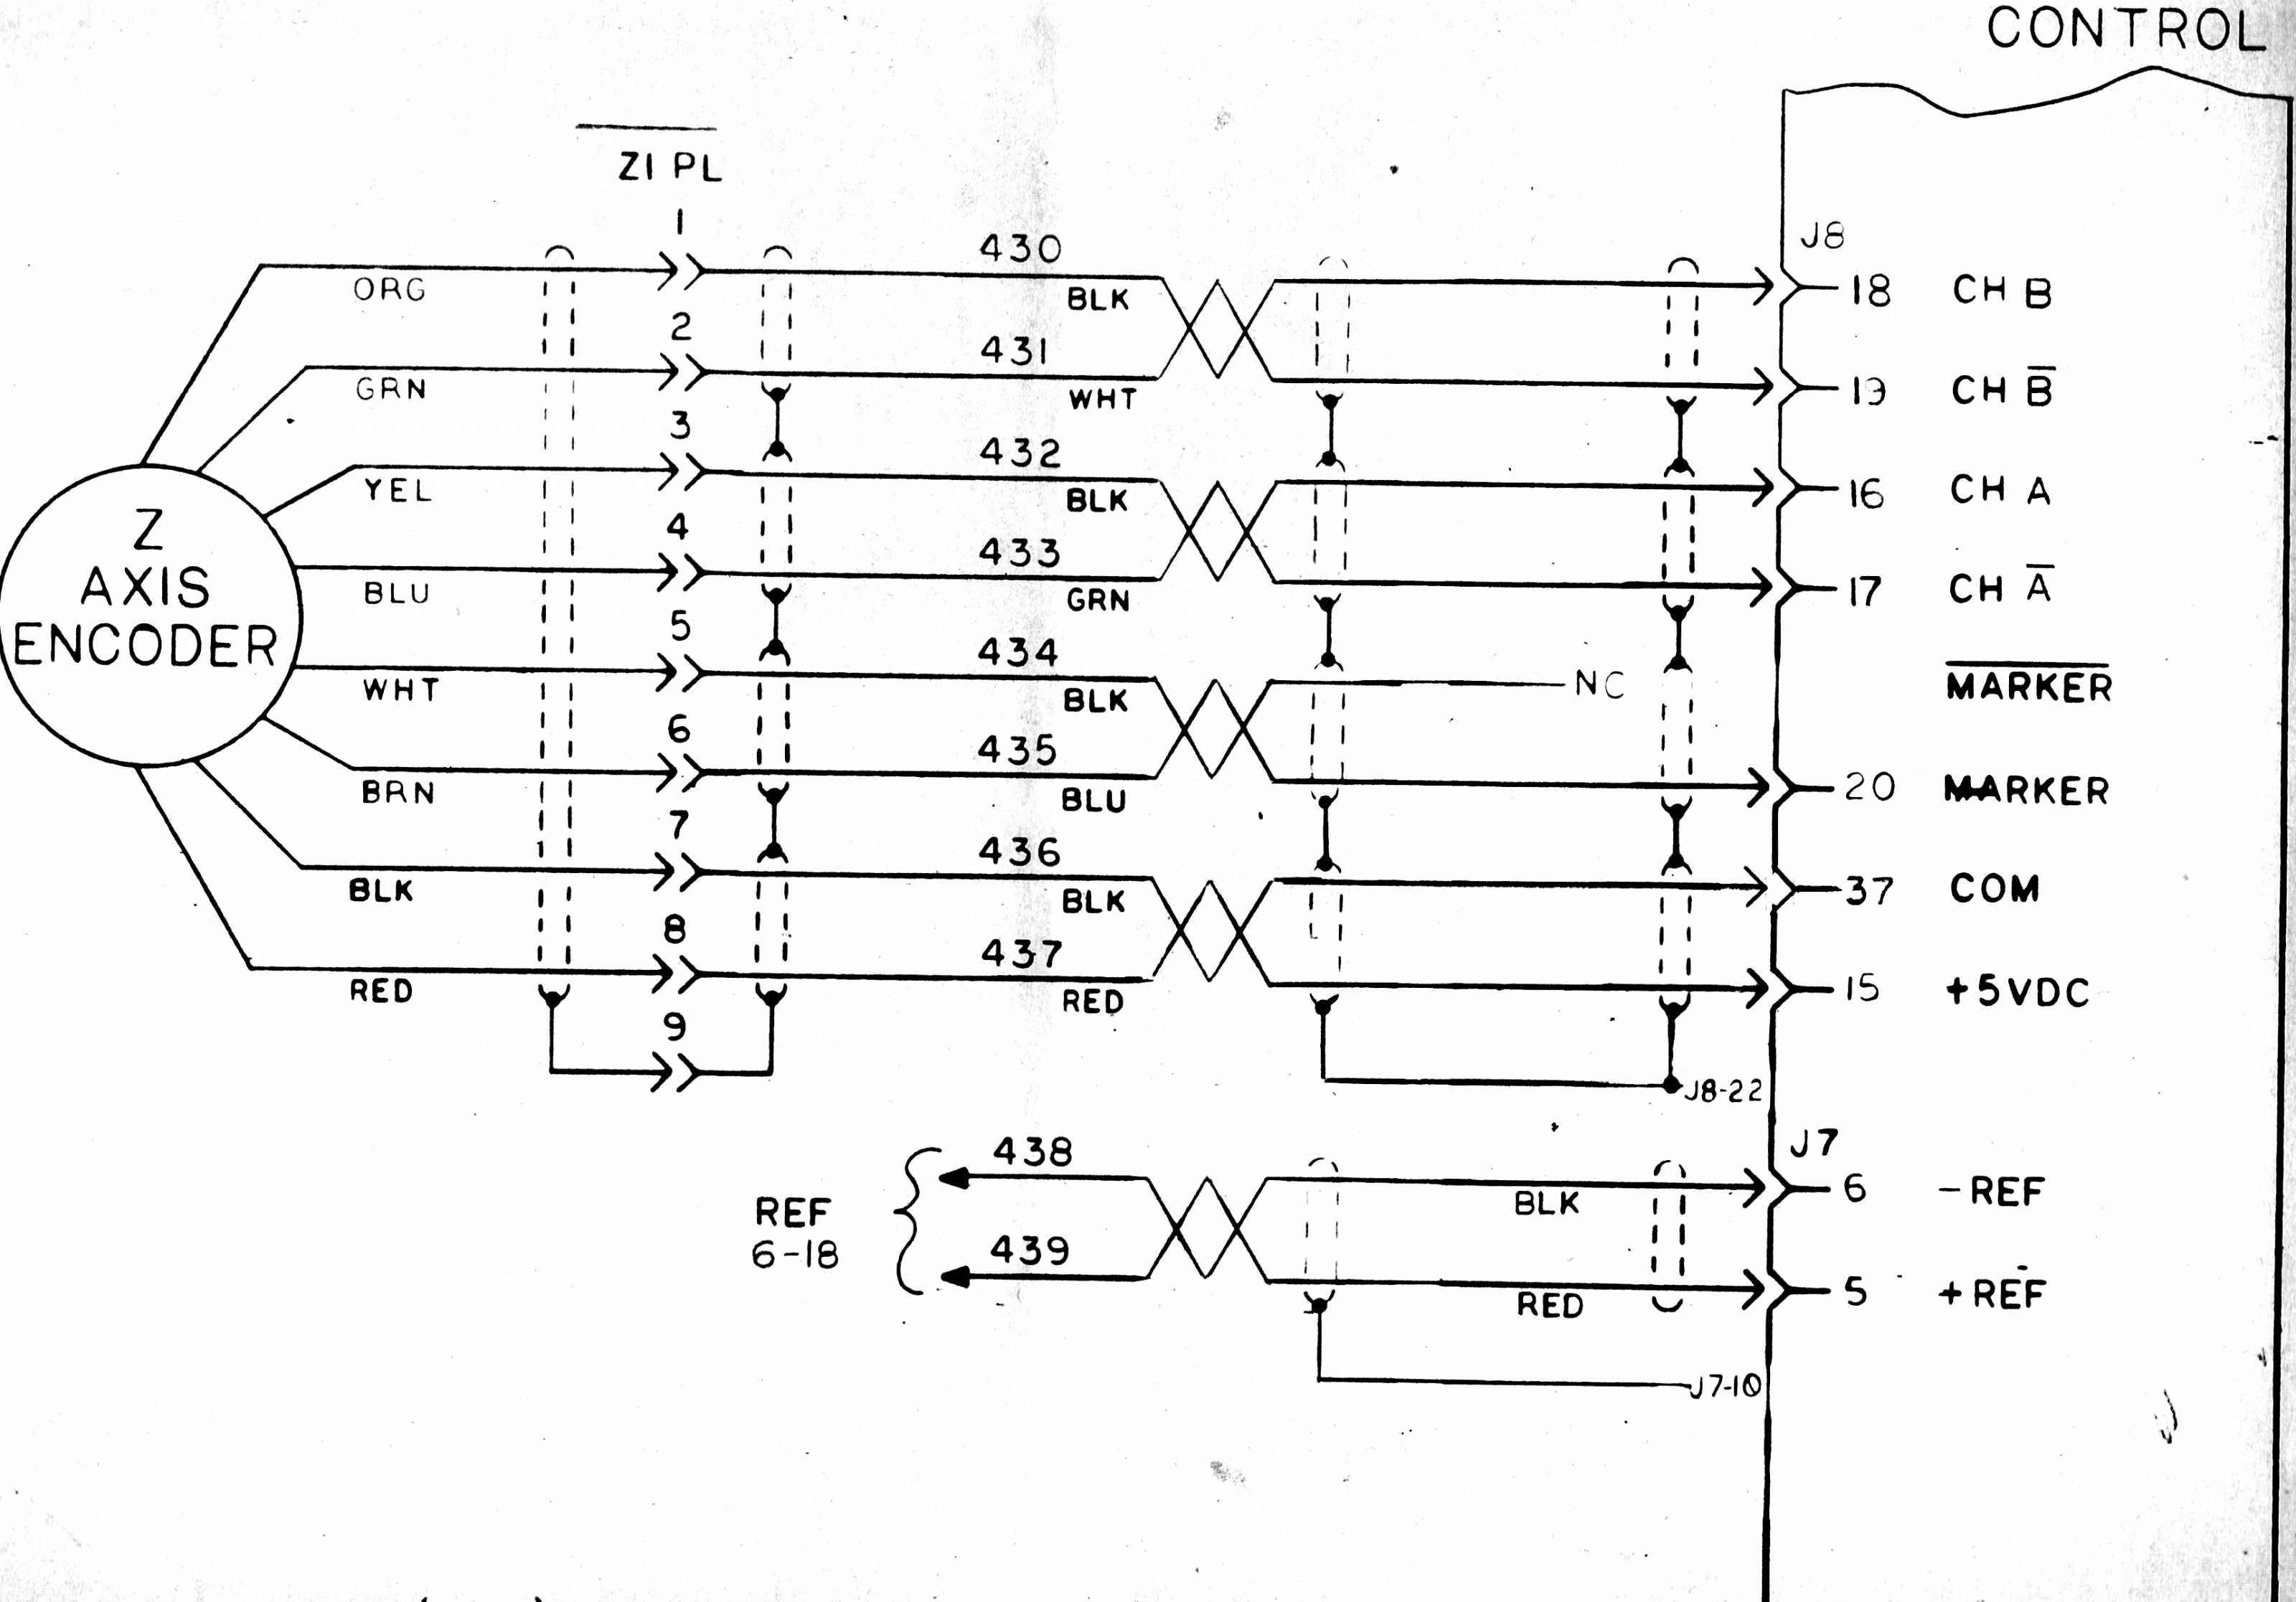 Encoder Wiring On Mesa 7i77 Board